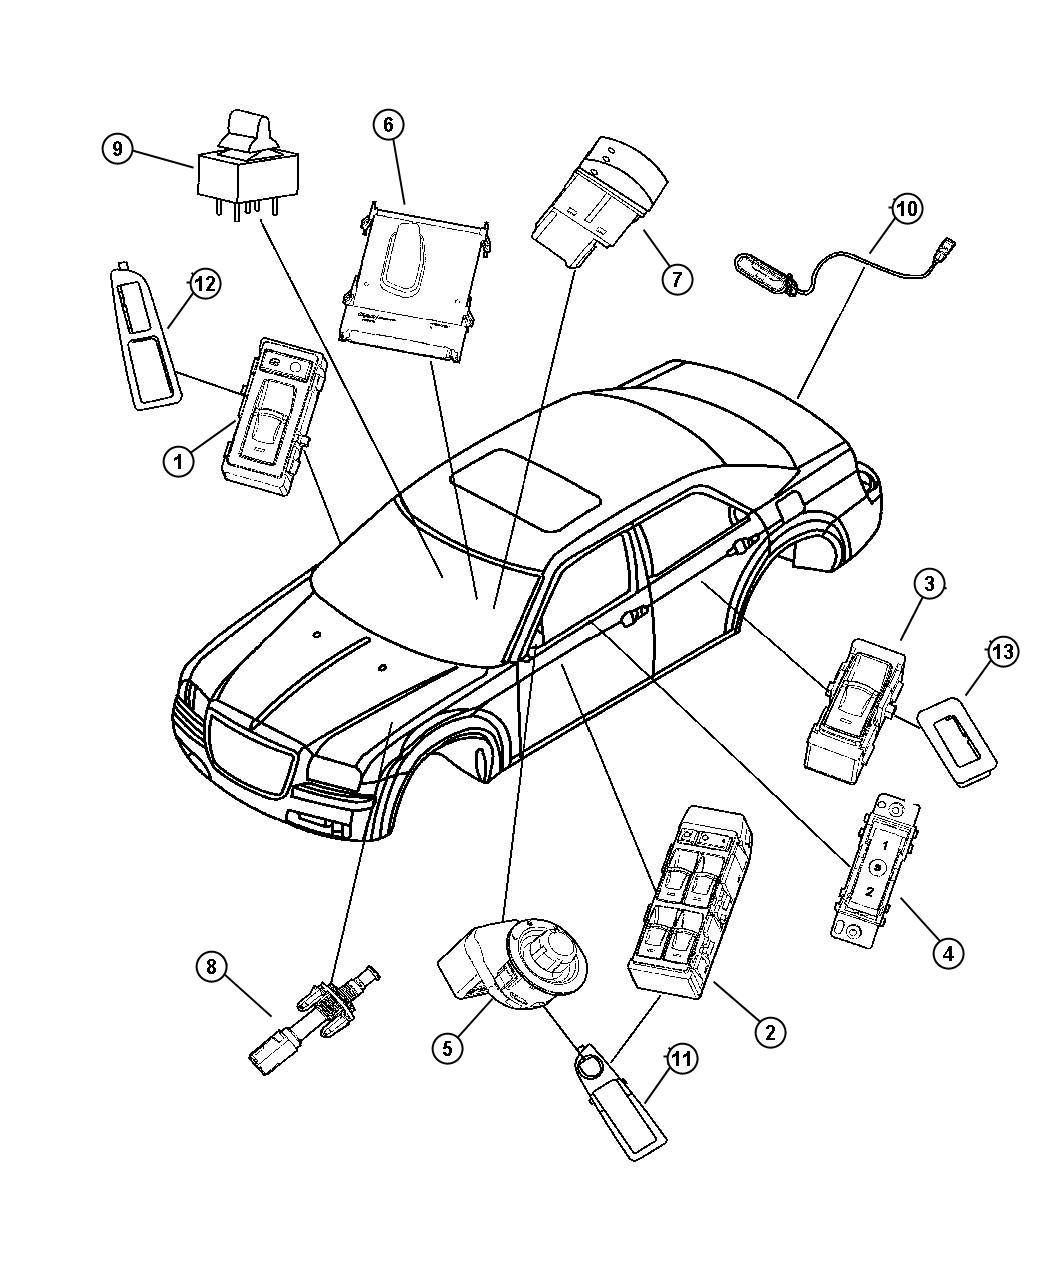 2007 Dodge Magnum BASE 2.7L V6 Switch. Liftgate release